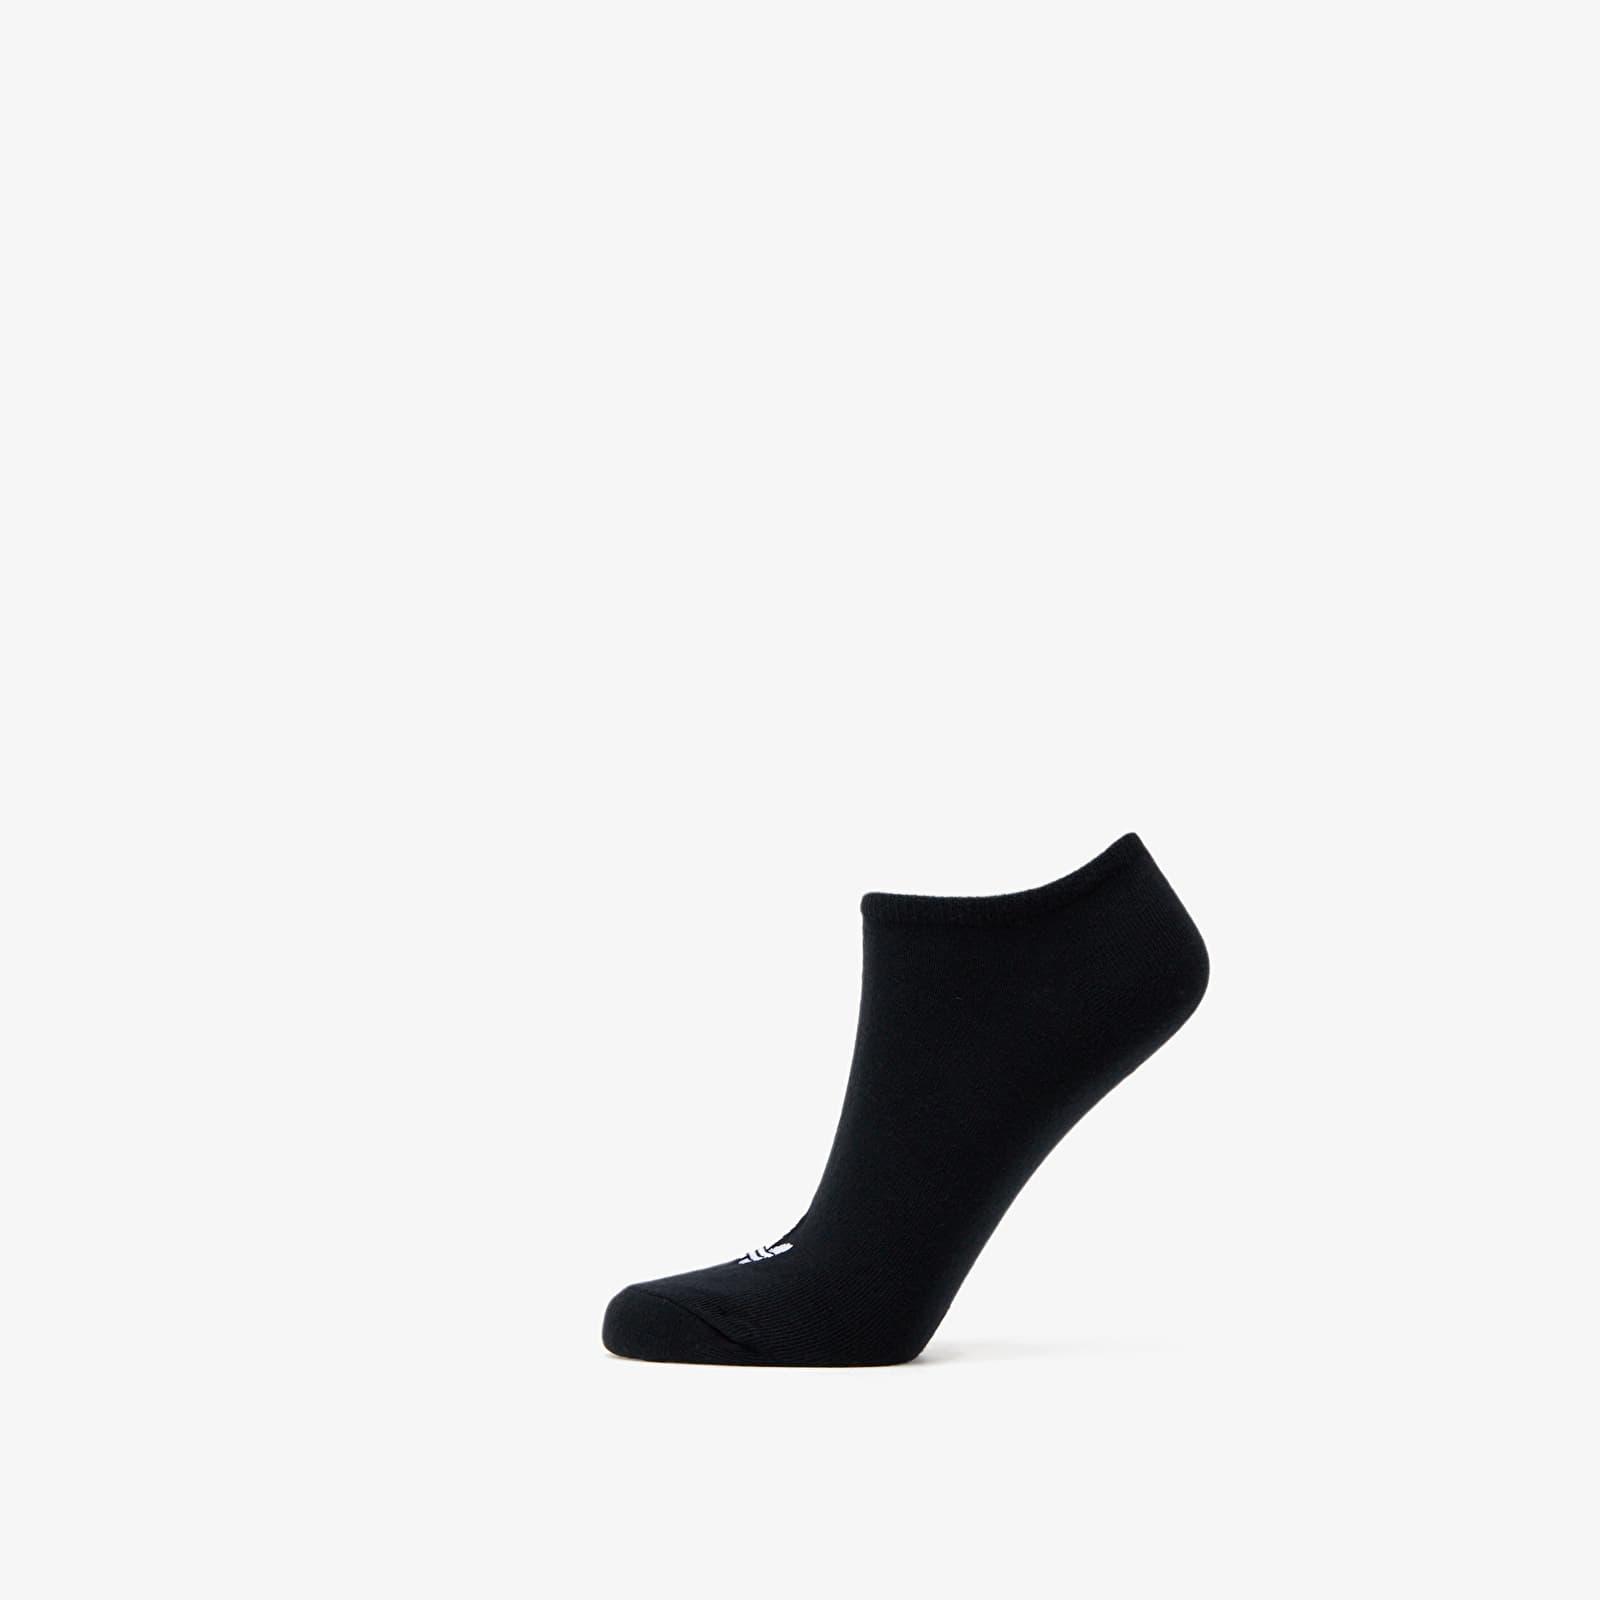 Socks adidas Trefoil Liner Socks 3 Pairs Black